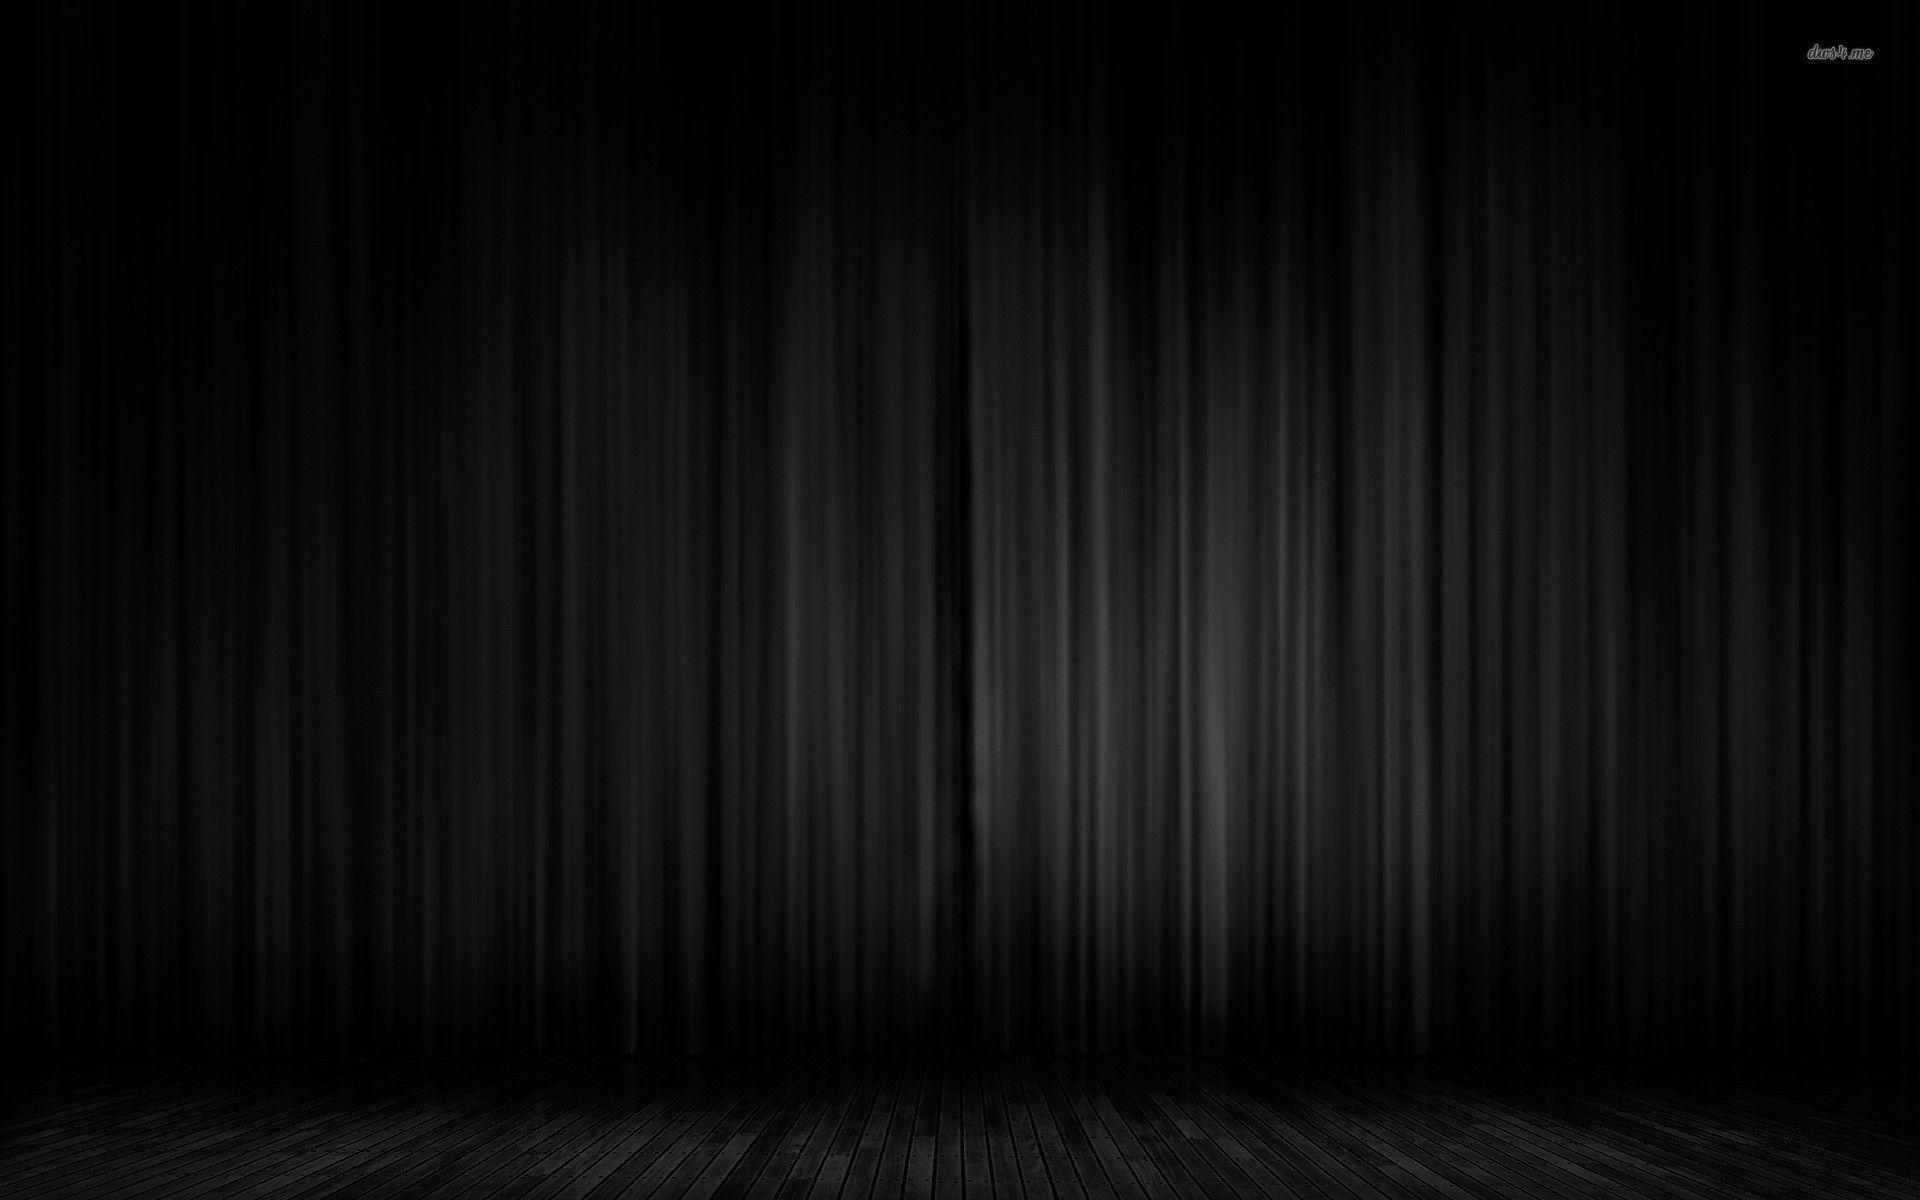 Black Velvet Curtain Absolute Zero Total Blackout Black